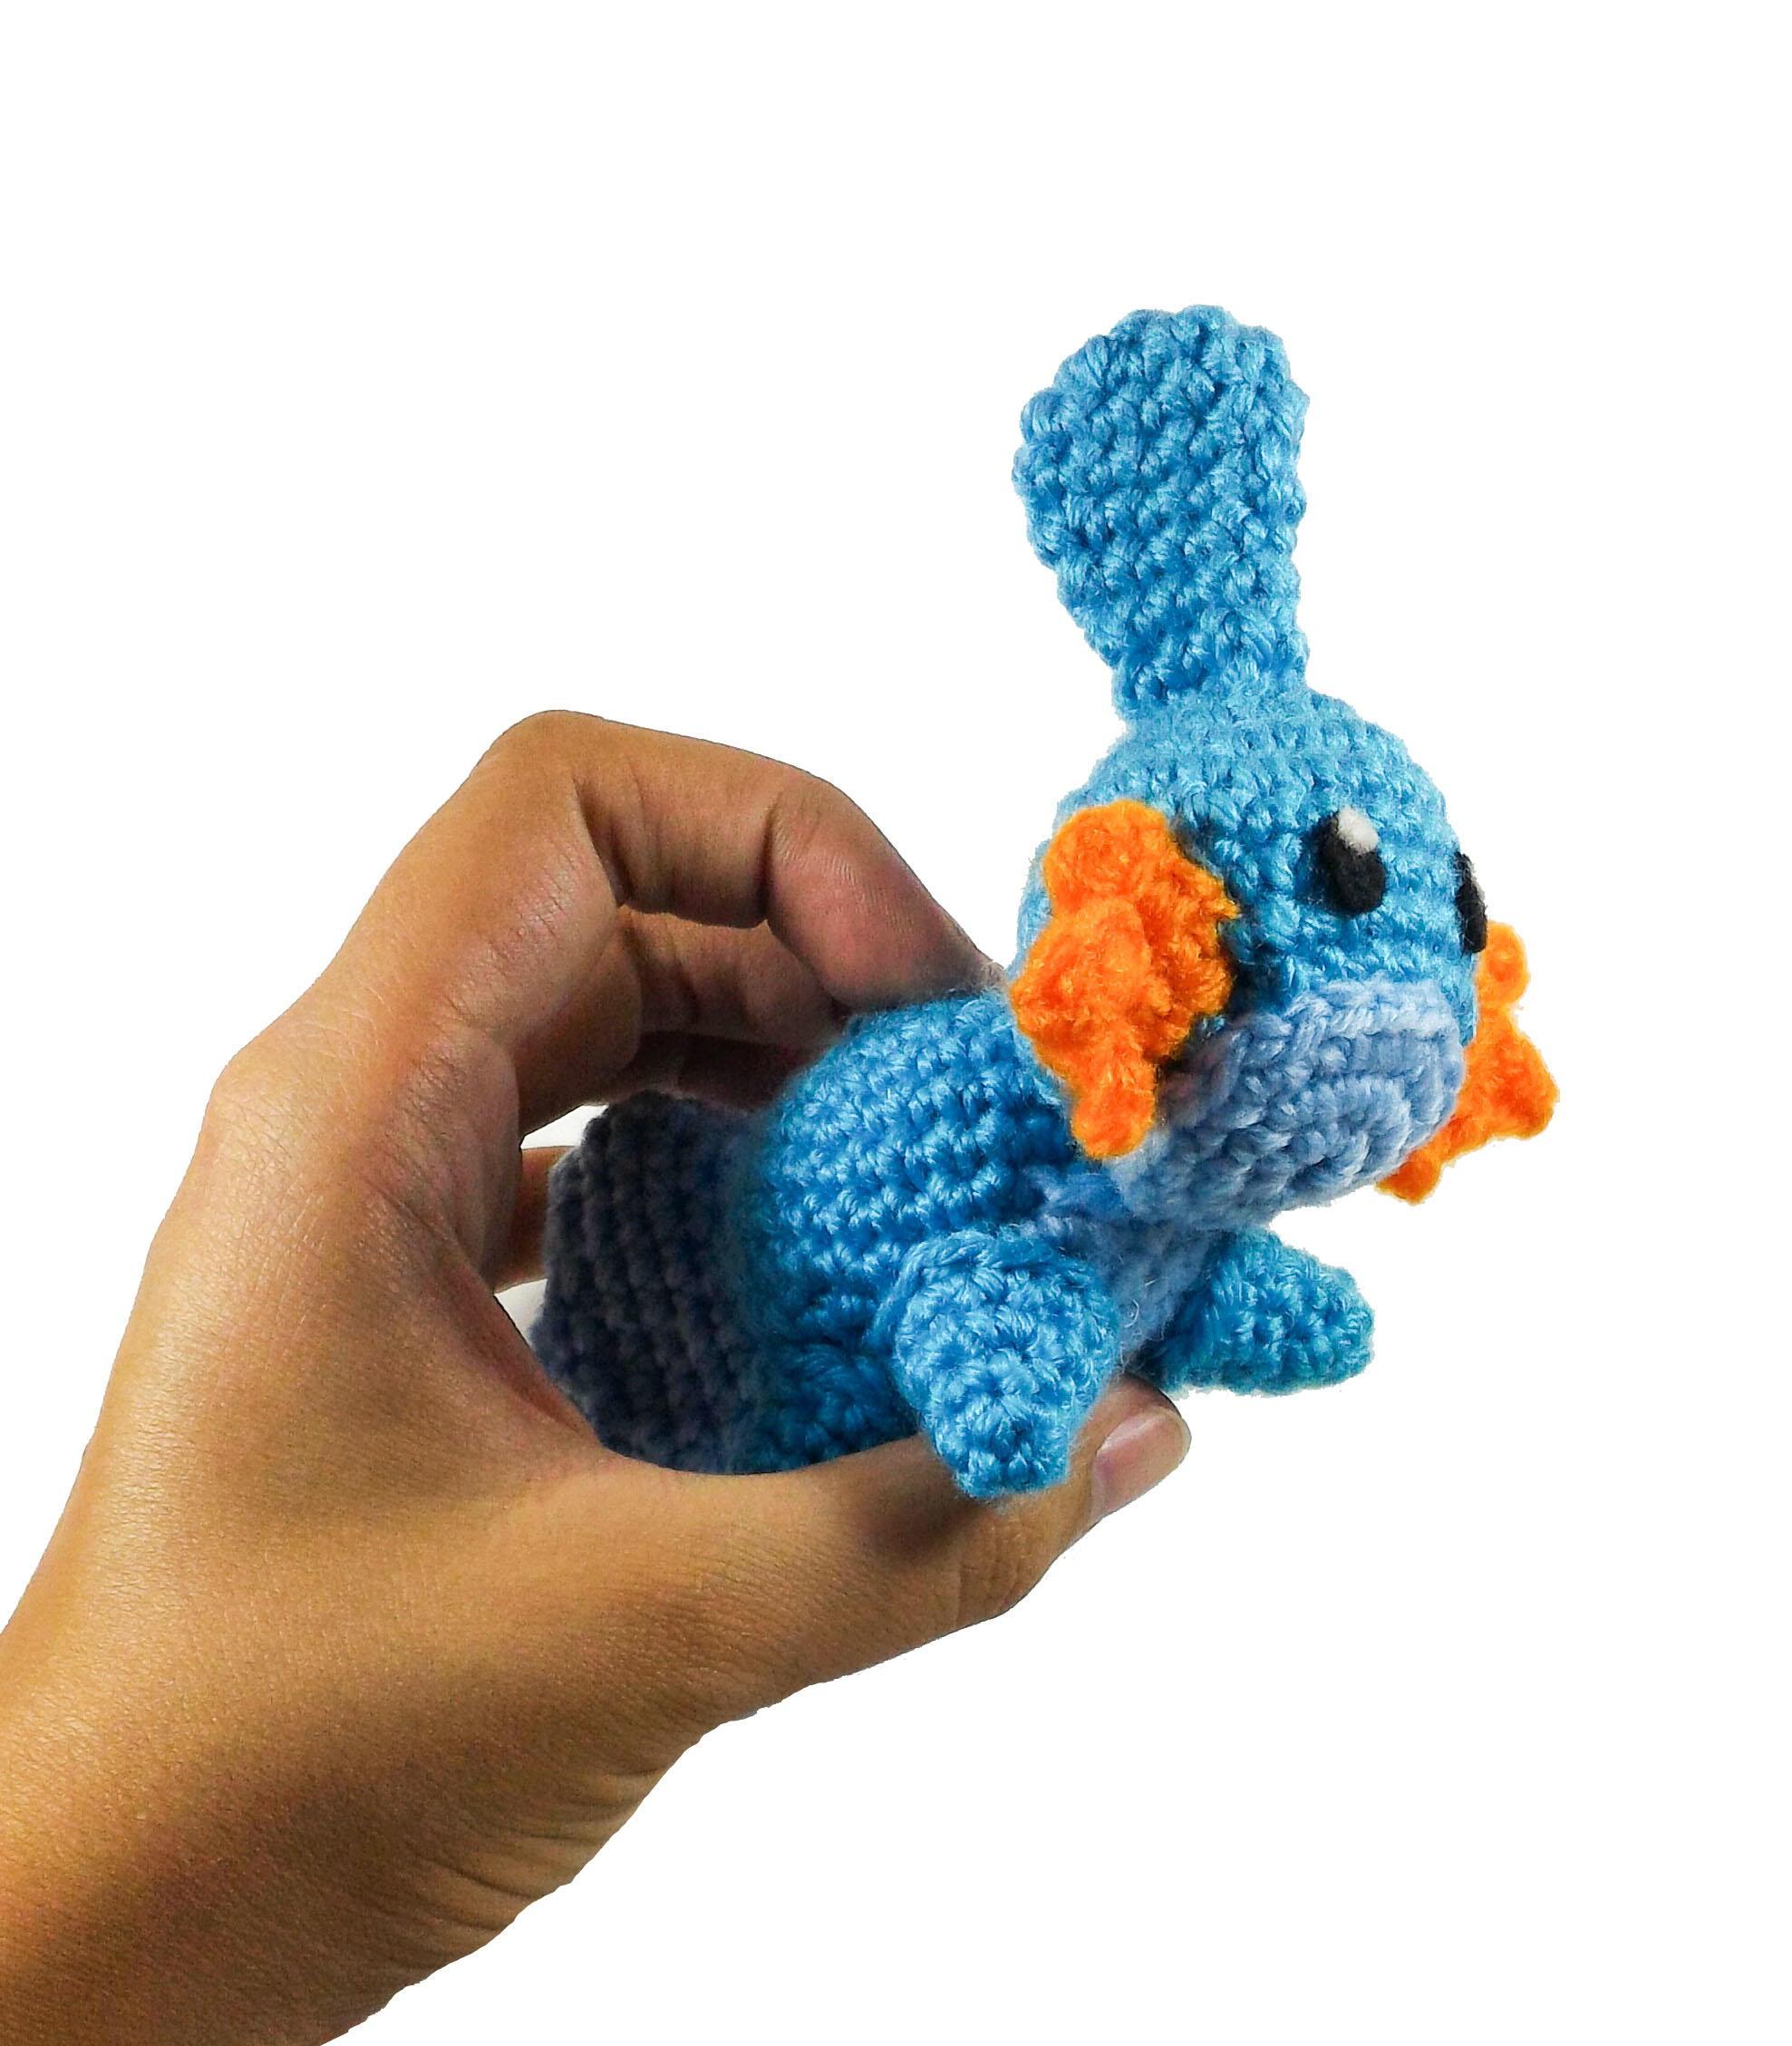 Pokeball Fingerless Gloves Crochet Free Pattern Pokémon… | Crochet ... | 2257x1977